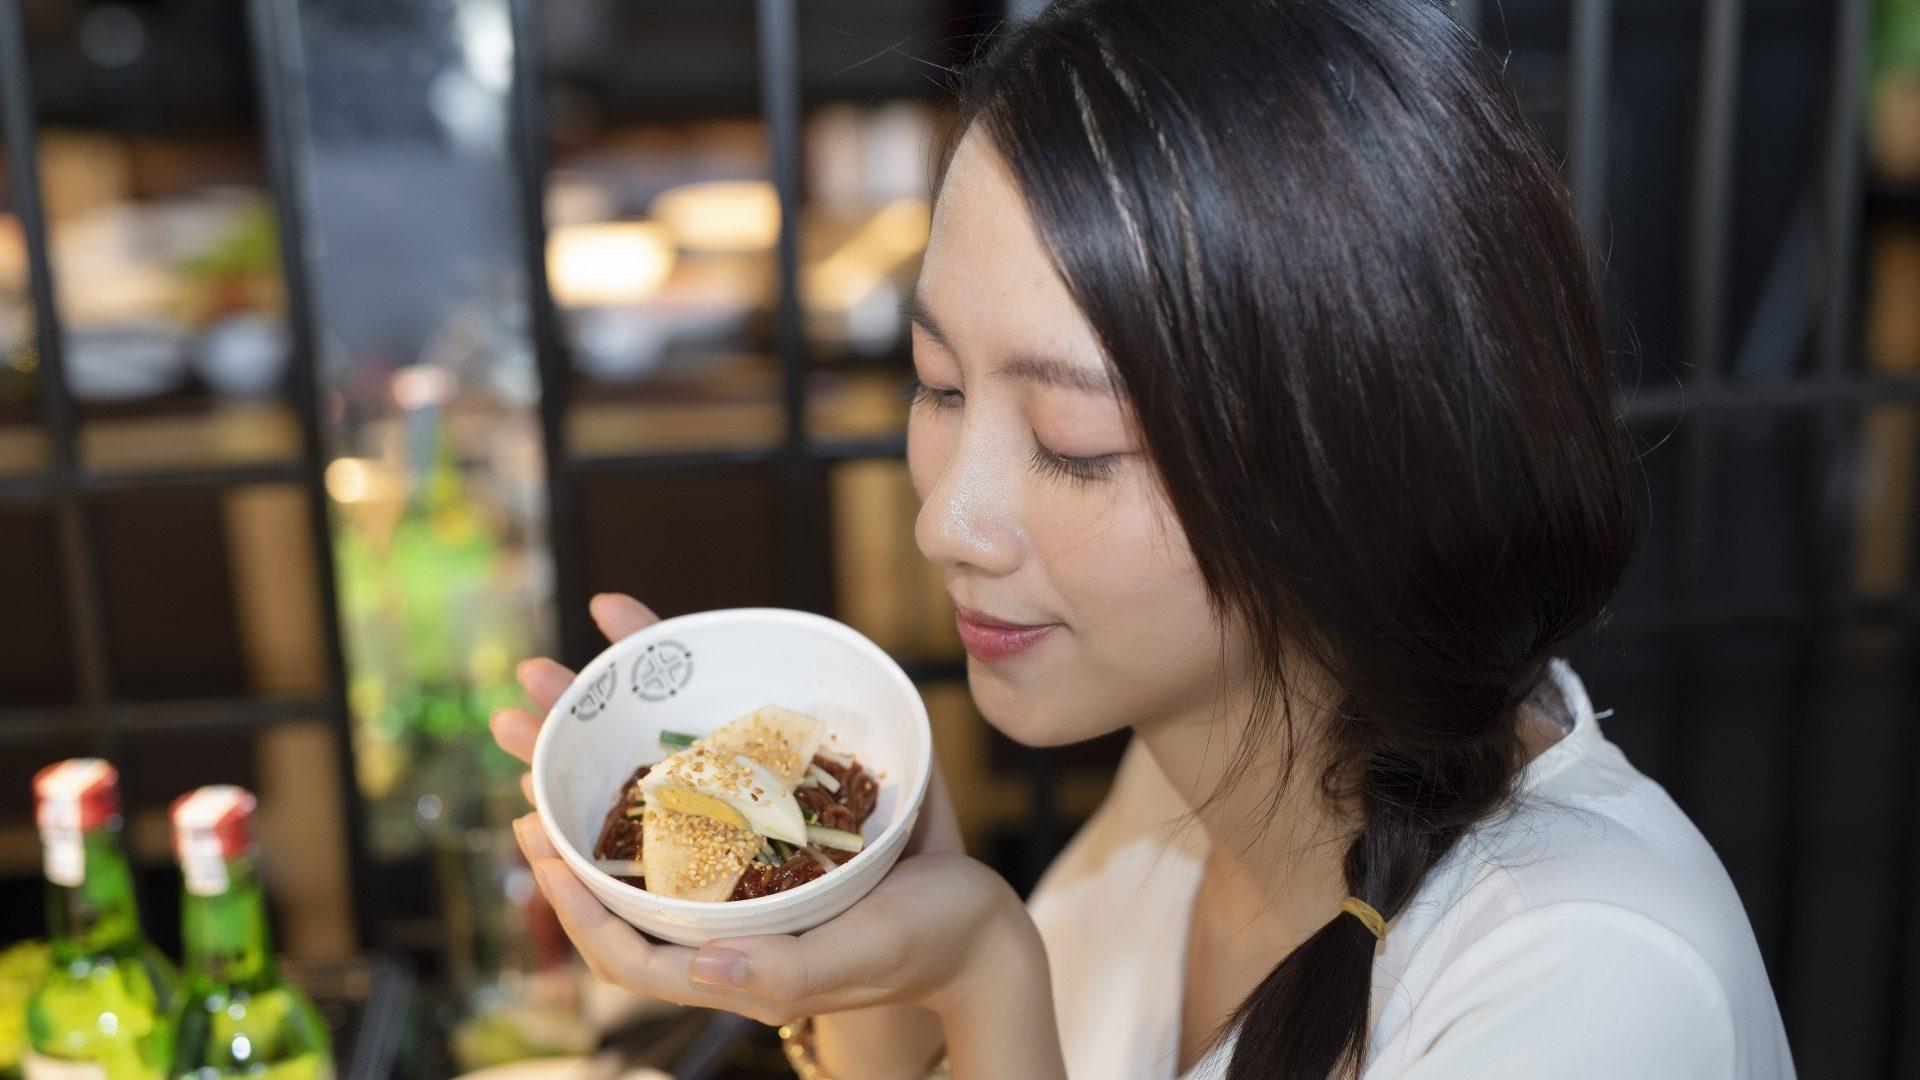 韓国人女性の性格分析!同性から見る7つの魅力!